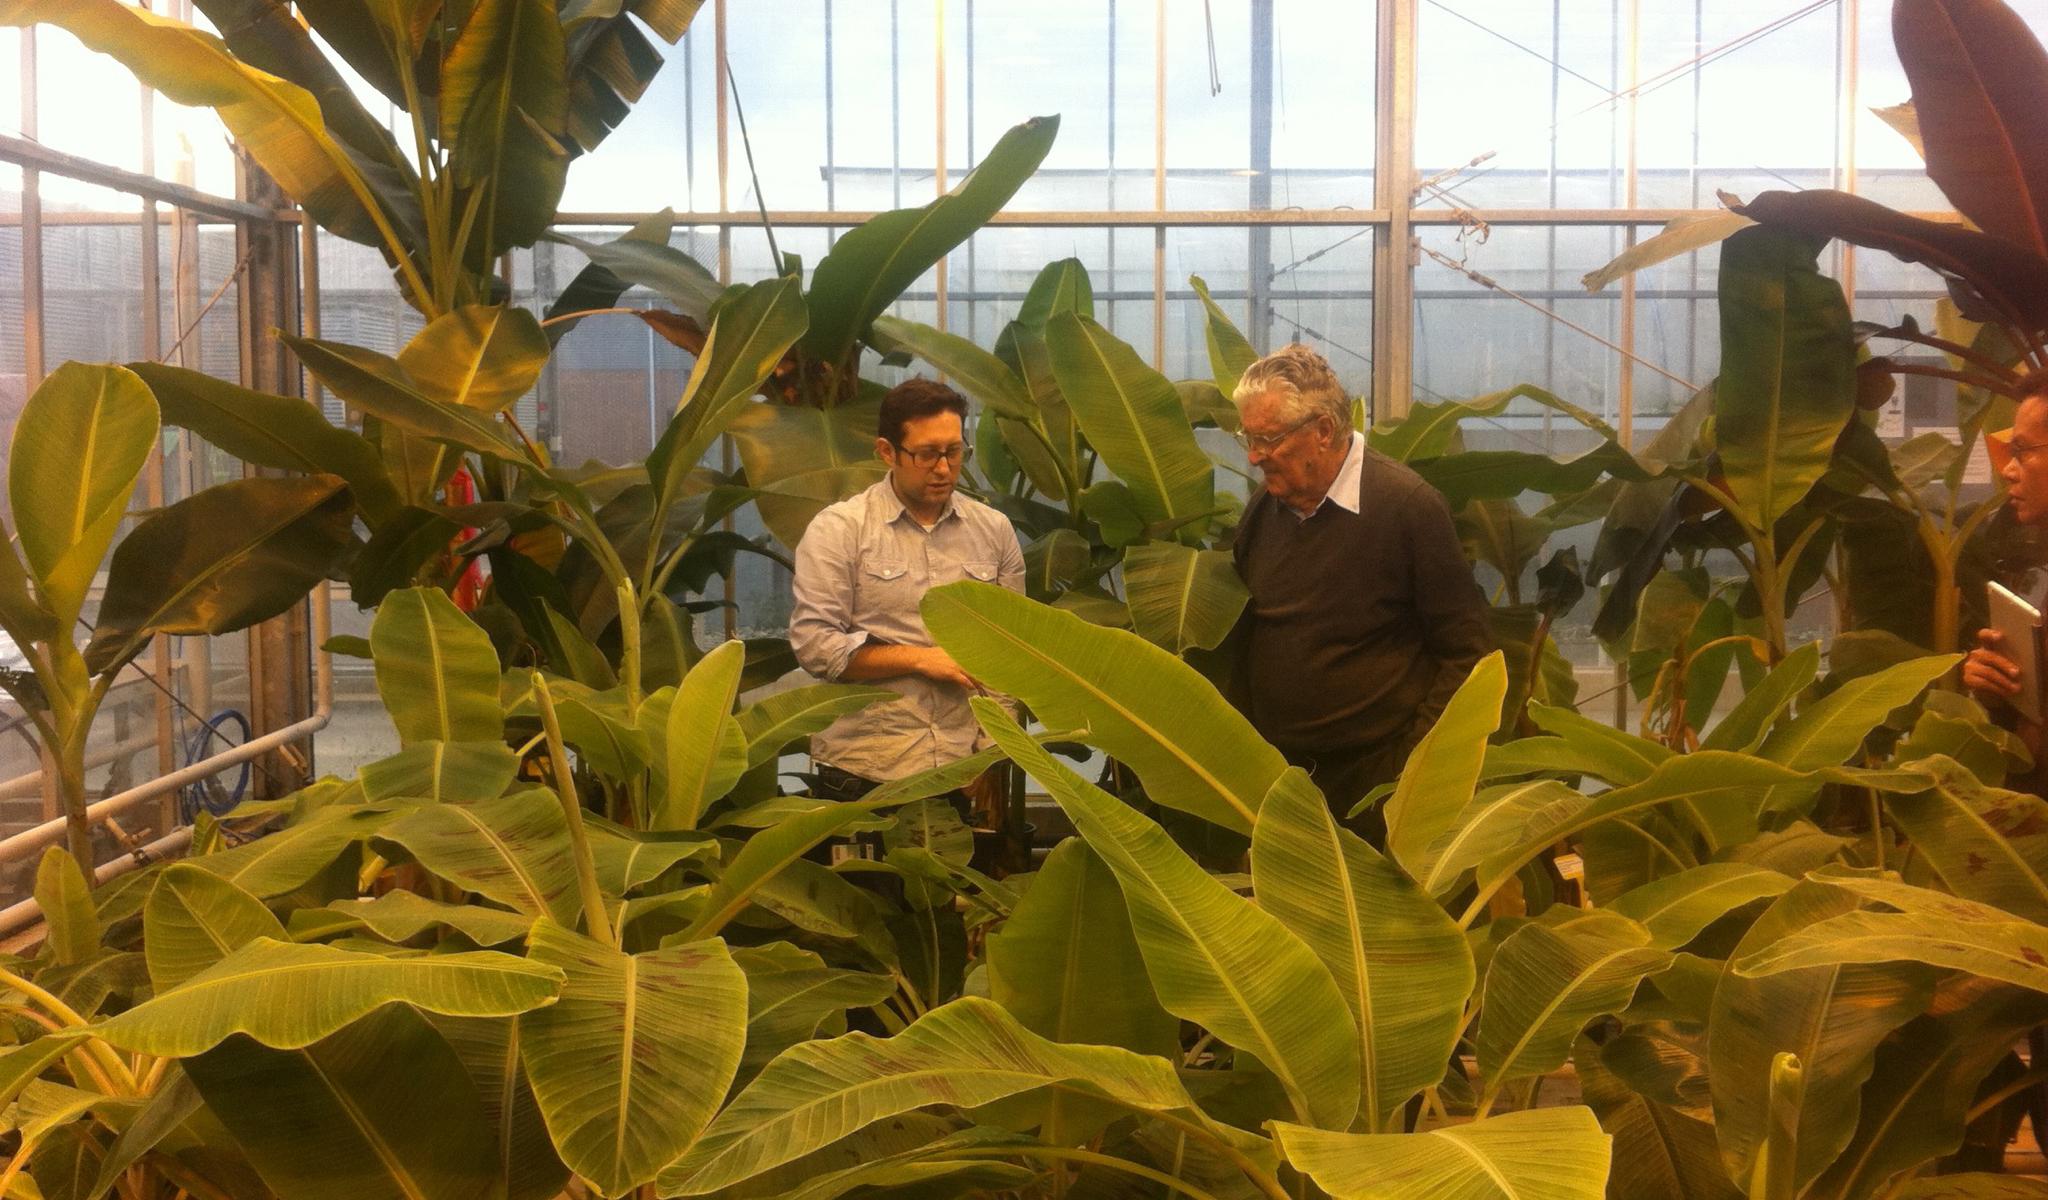 FusariumWilt-greenhouse